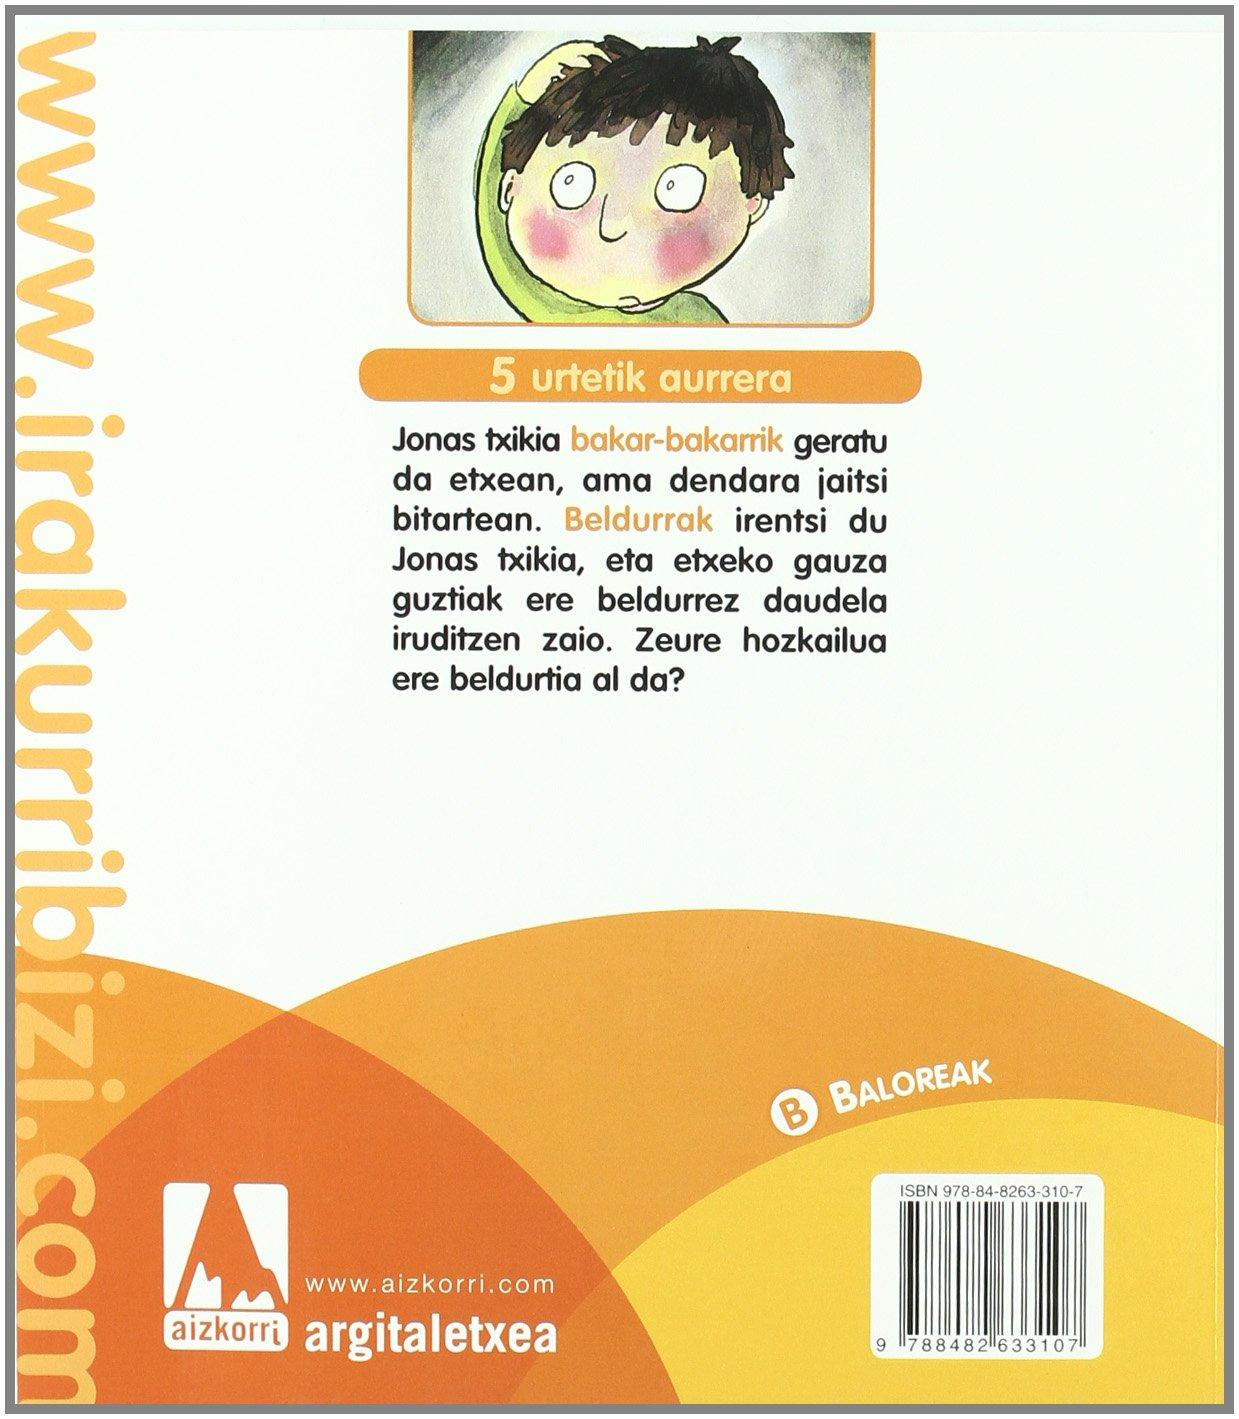 Jonas eta hozkailu beldurtia (Irakurri, bizi): Amazon.es: Igerabide Juan Cruz, Valverde Mikel: Libros